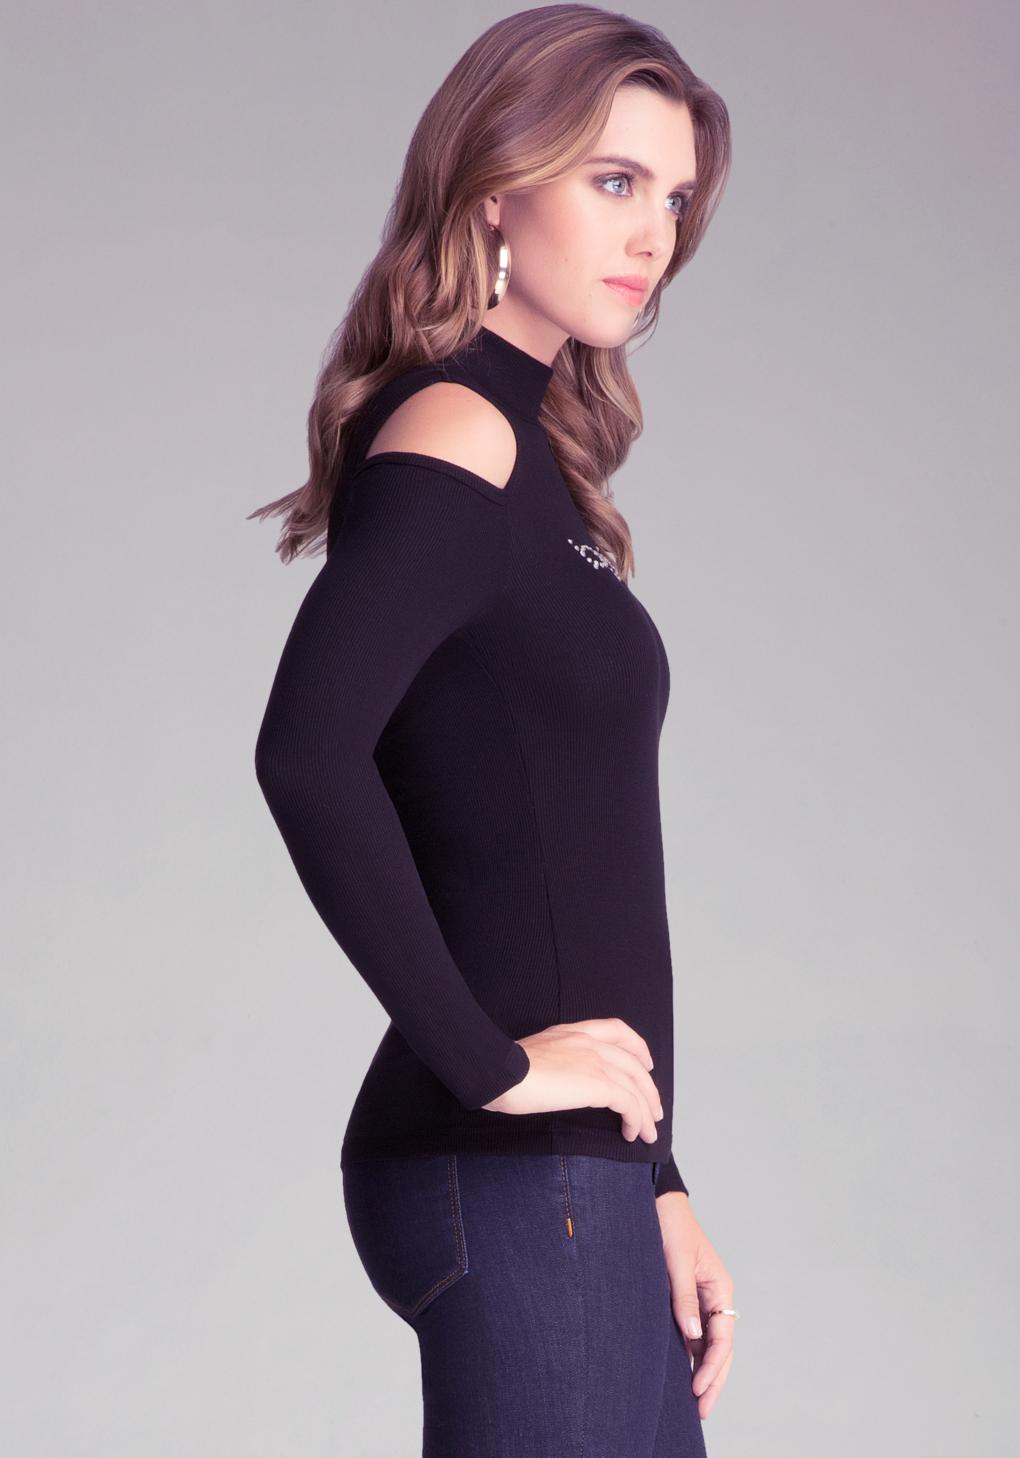 ea744913f5ce4 Lyst - Bebe Cold Shoulder Mock Neck Top in Black